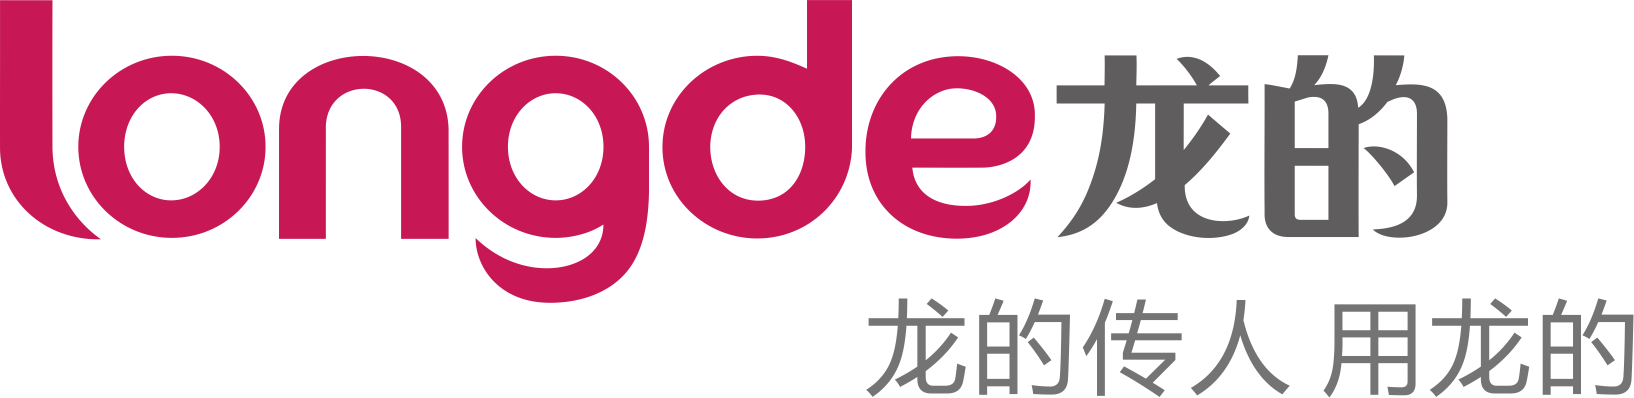 logo logo 标志 设计 矢量 矢量图 素材 图标 1634_398